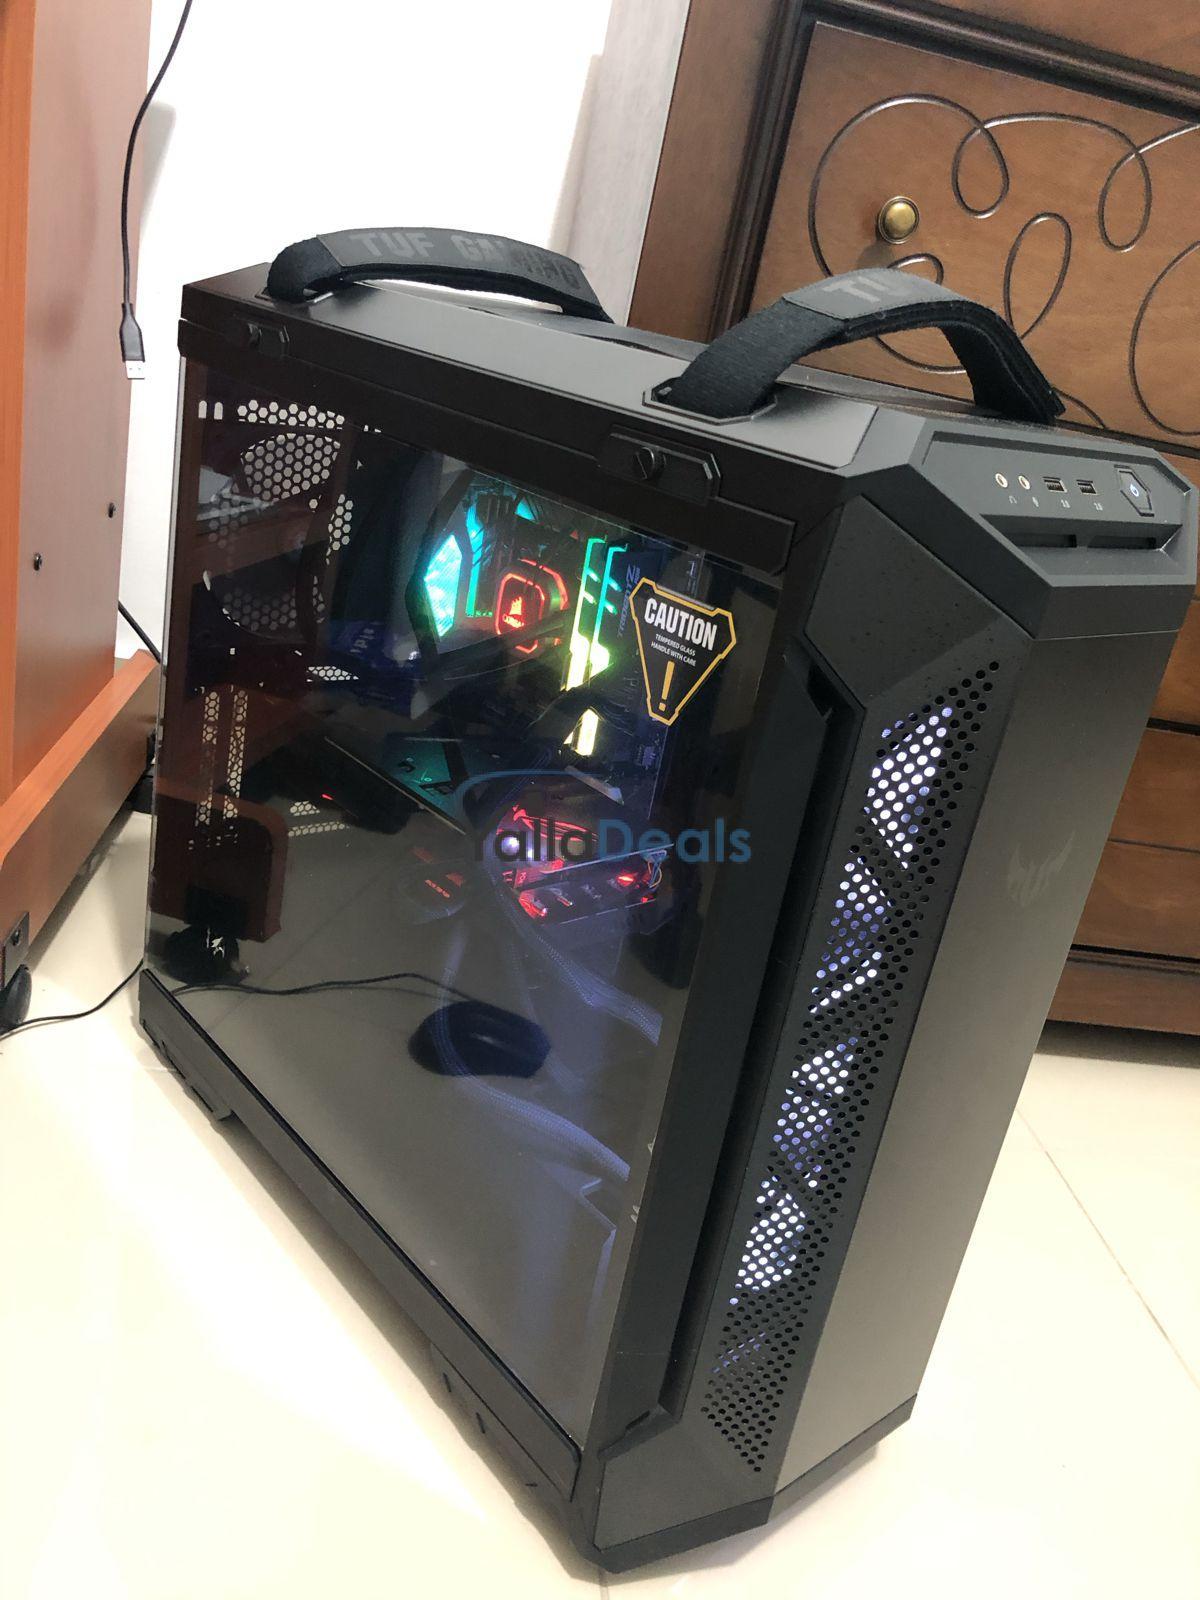 أجهزة الكمبيوتر المكتبية في المويجي, العين